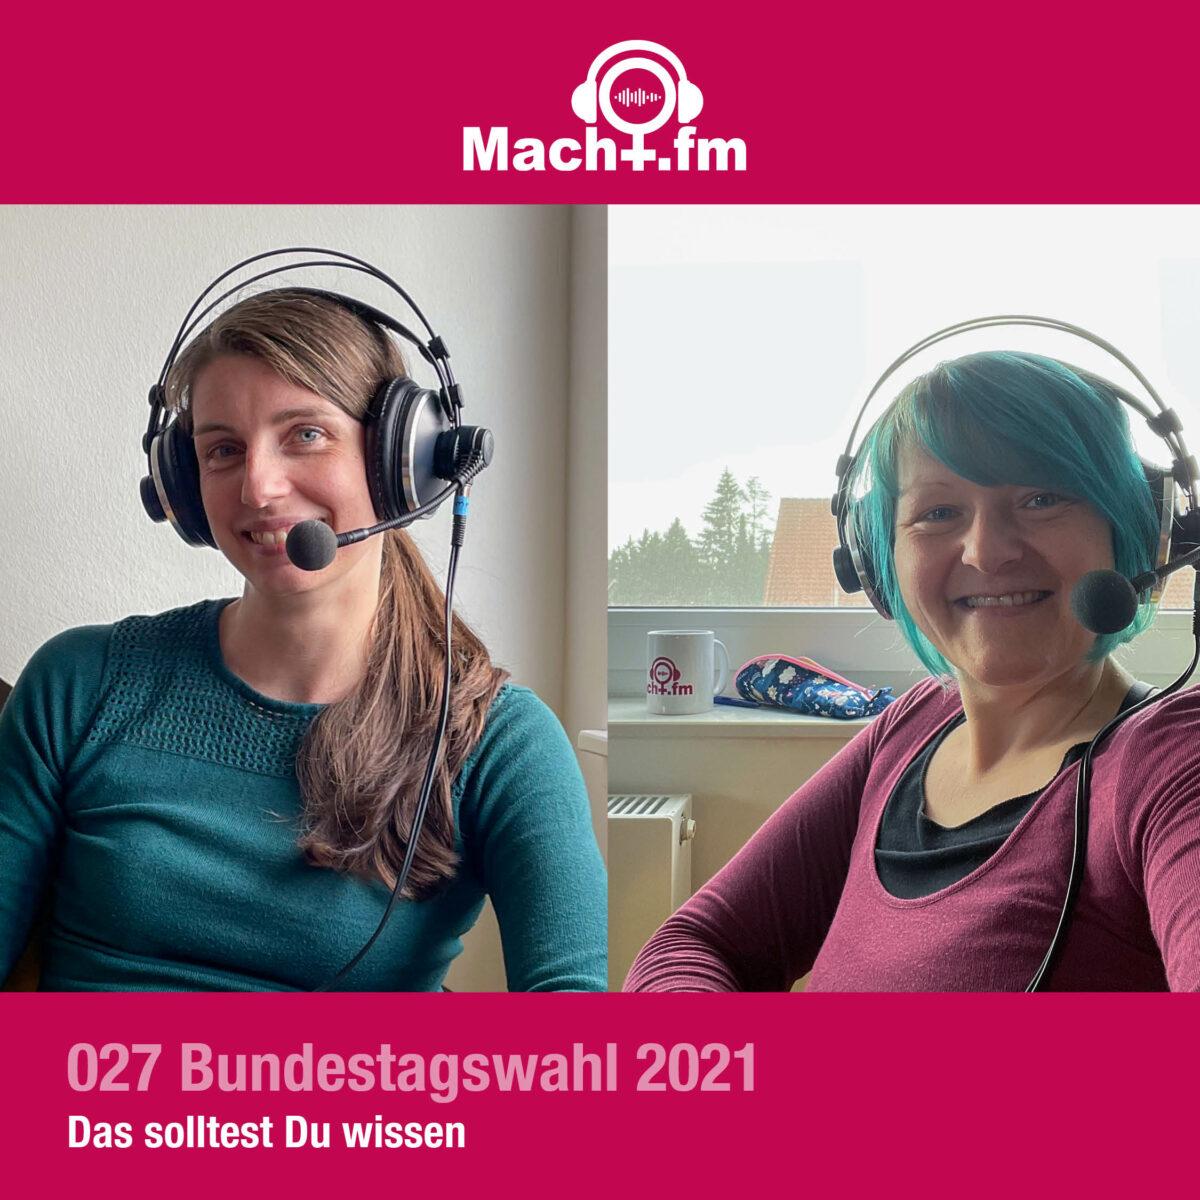 Dr.in Macht und Hiwi Aline beim Podcasten